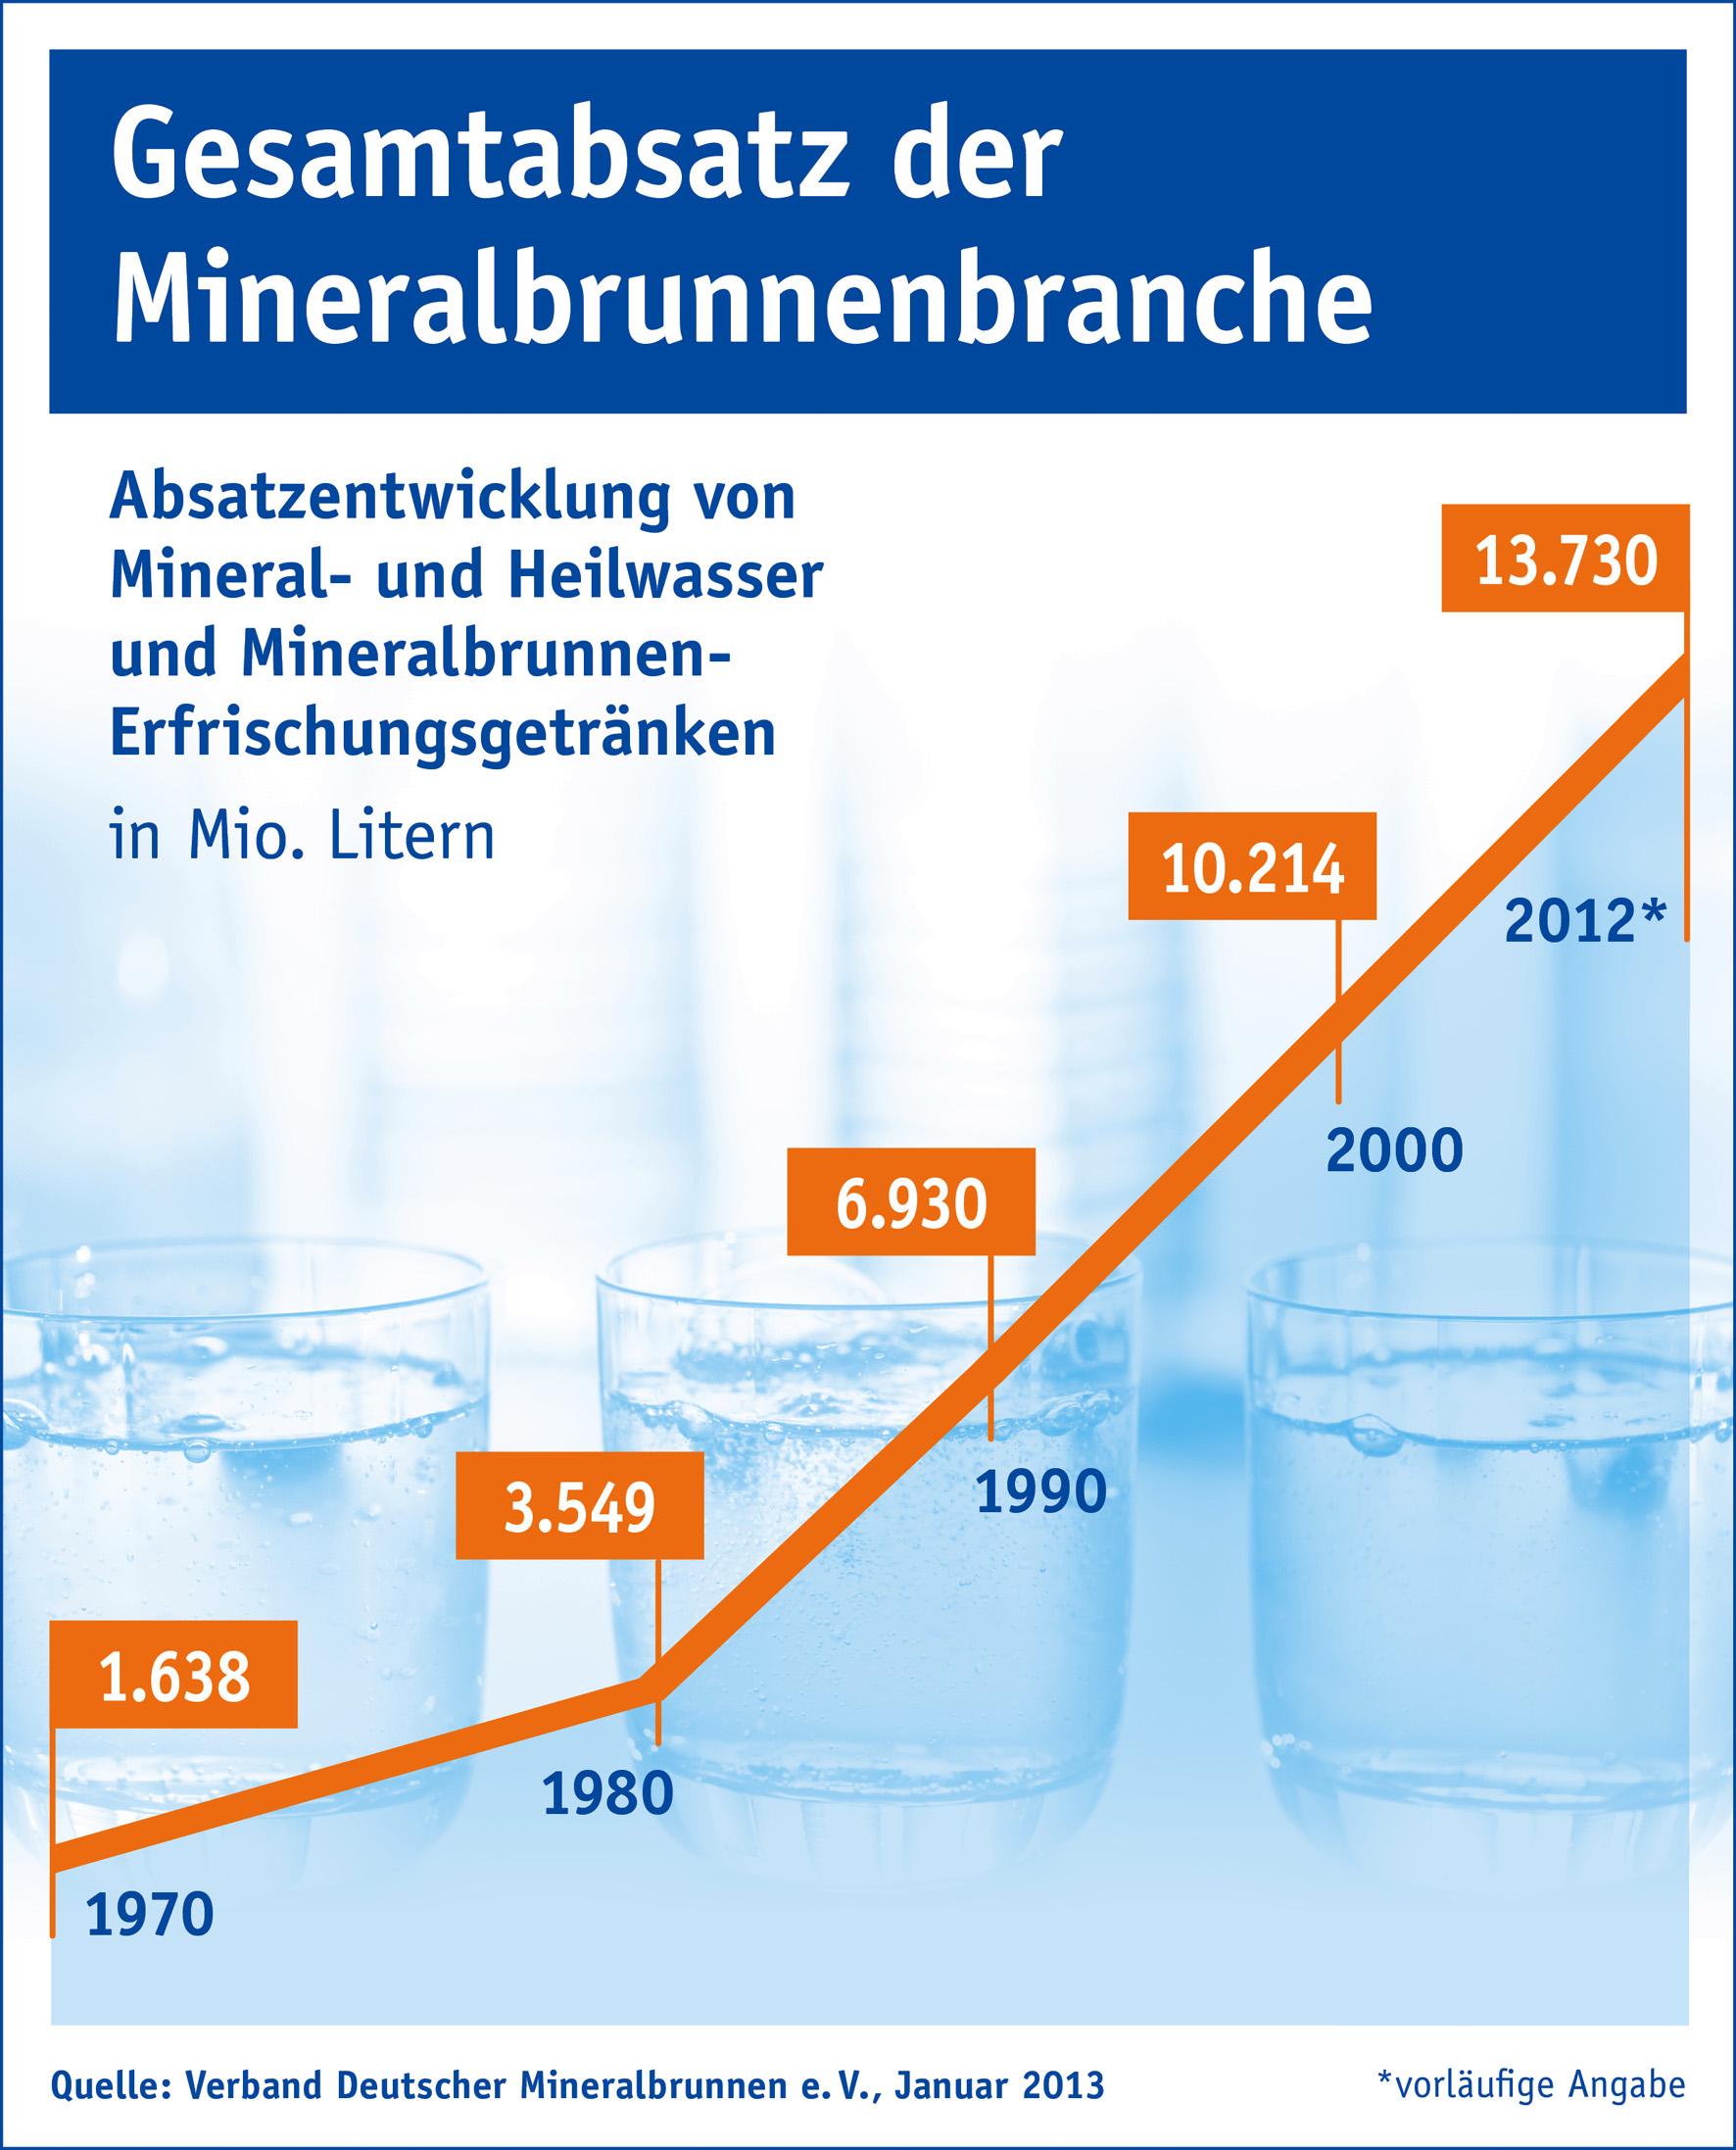 mineralwasser bei den deutschen immer beliebter bild pressemitteilung verband deutscher. Black Bedroom Furniture Sets. Home Design Ideas